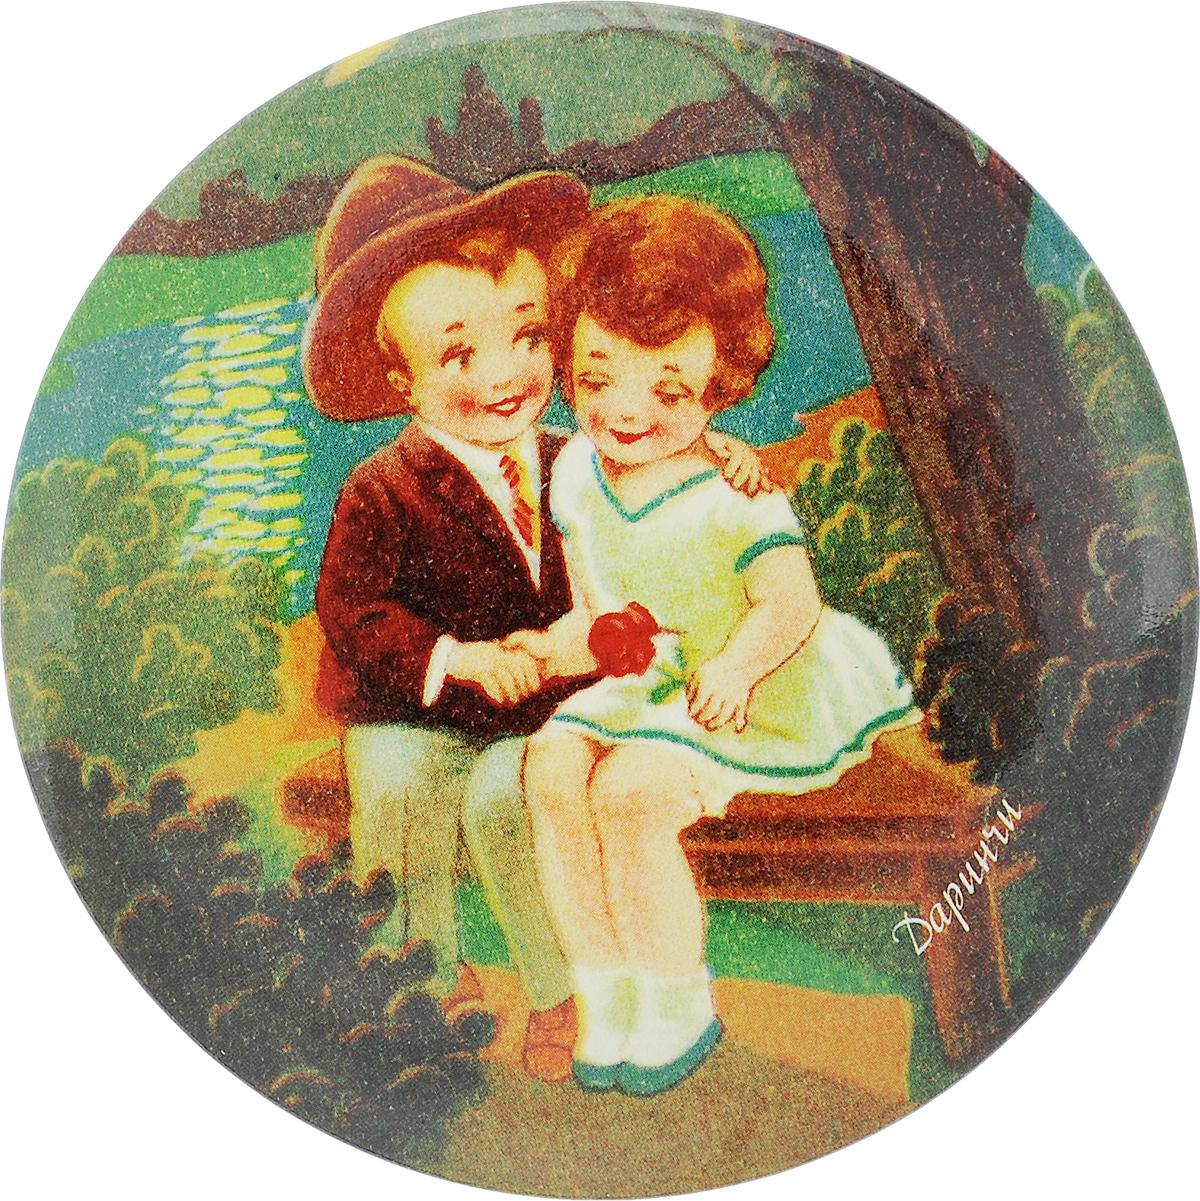 Зеркало карманное Даринчи. № 2Зеркальце 2Карманное зеркало Даринчи, выполненное в круглом металлическом корпусе, оформлено изображением мальчика и девочки на фоне вечернего озера. Такое зеркало станет отличным подарком представительнице прекрасного пола, ведь даже самая маленькая дамская сумочка обязательно вместит в себя миниатюрное зеркальце, а красочное изображение на обратной стороне зеркала непременно порадует вас и поднимет вам настроение даже в самый хмурый день.